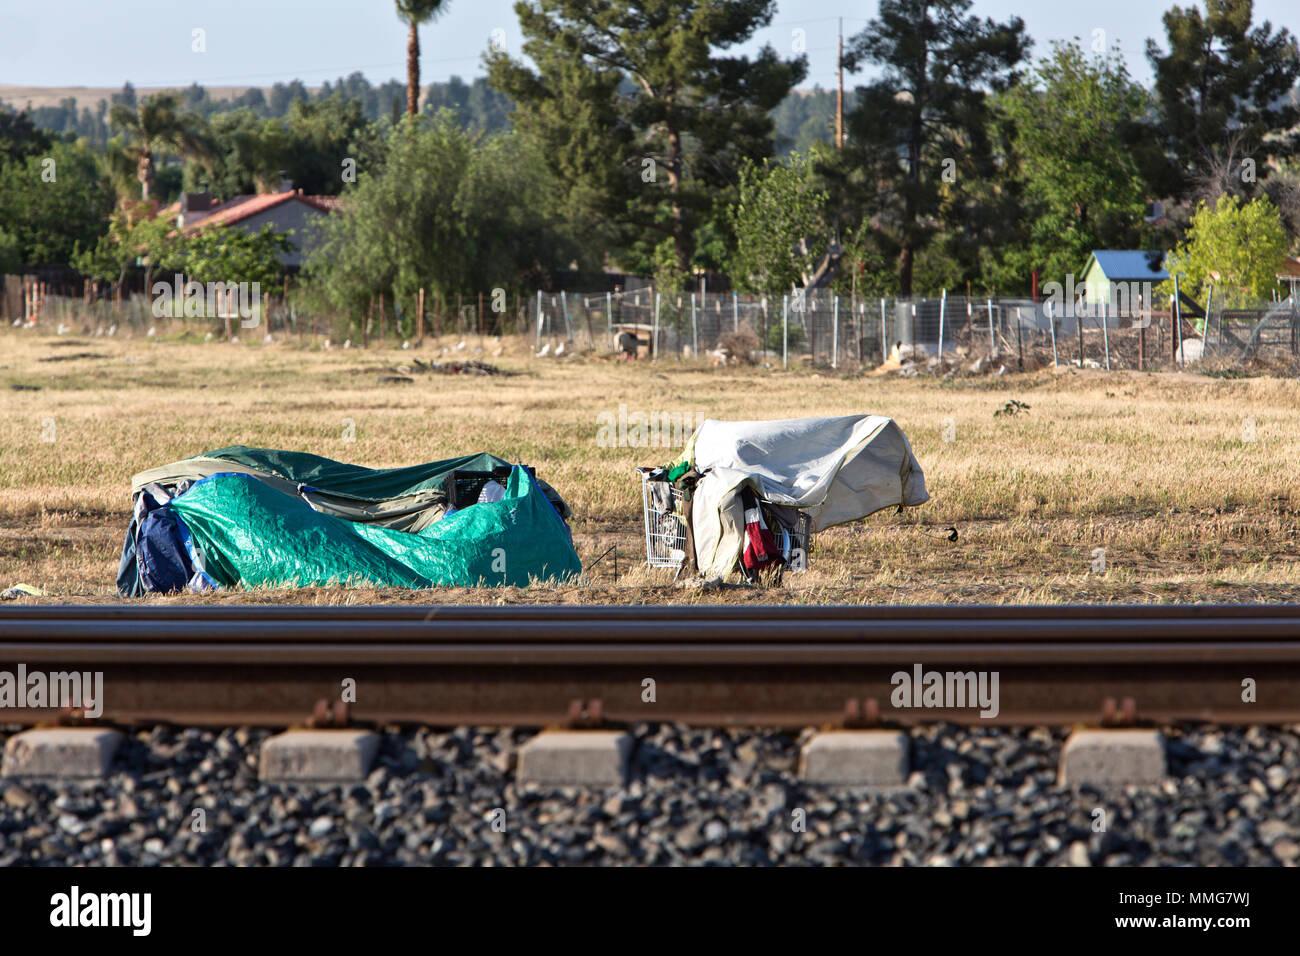 Campamento sin hogar rural, vías de ferrocarril, Condado de Kern, cercada de compartimentado, en el fondo, California. Imagen De Stock